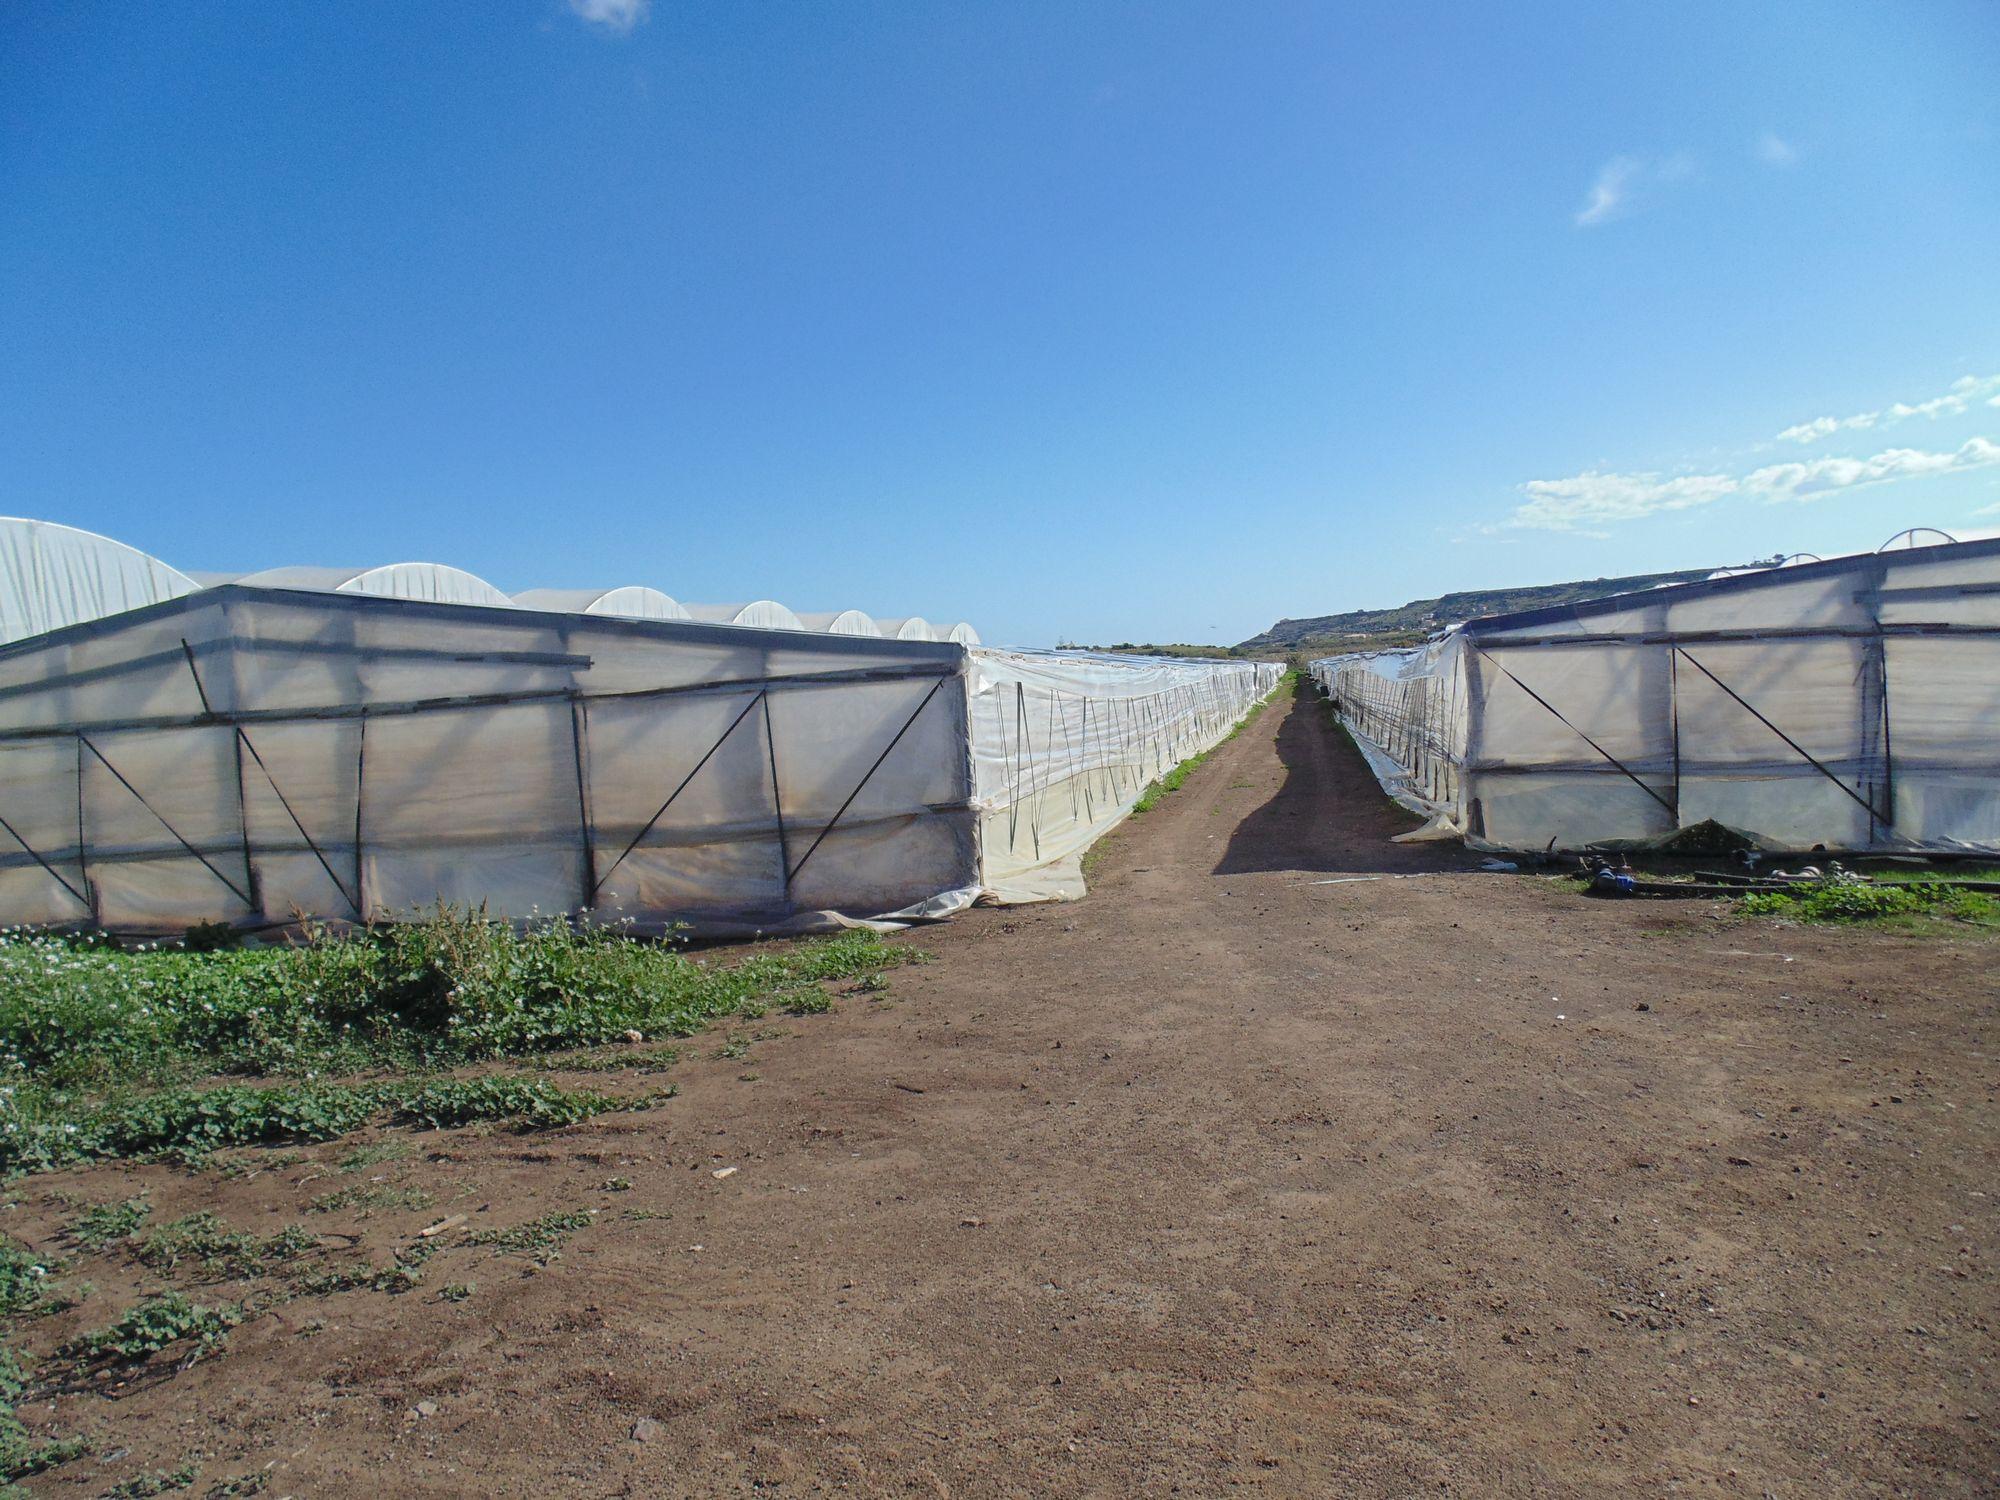 Terreno agricolo di circa 1,5 ettari situato in zona Morghella avente un pozzo trivellato, serre in   ...